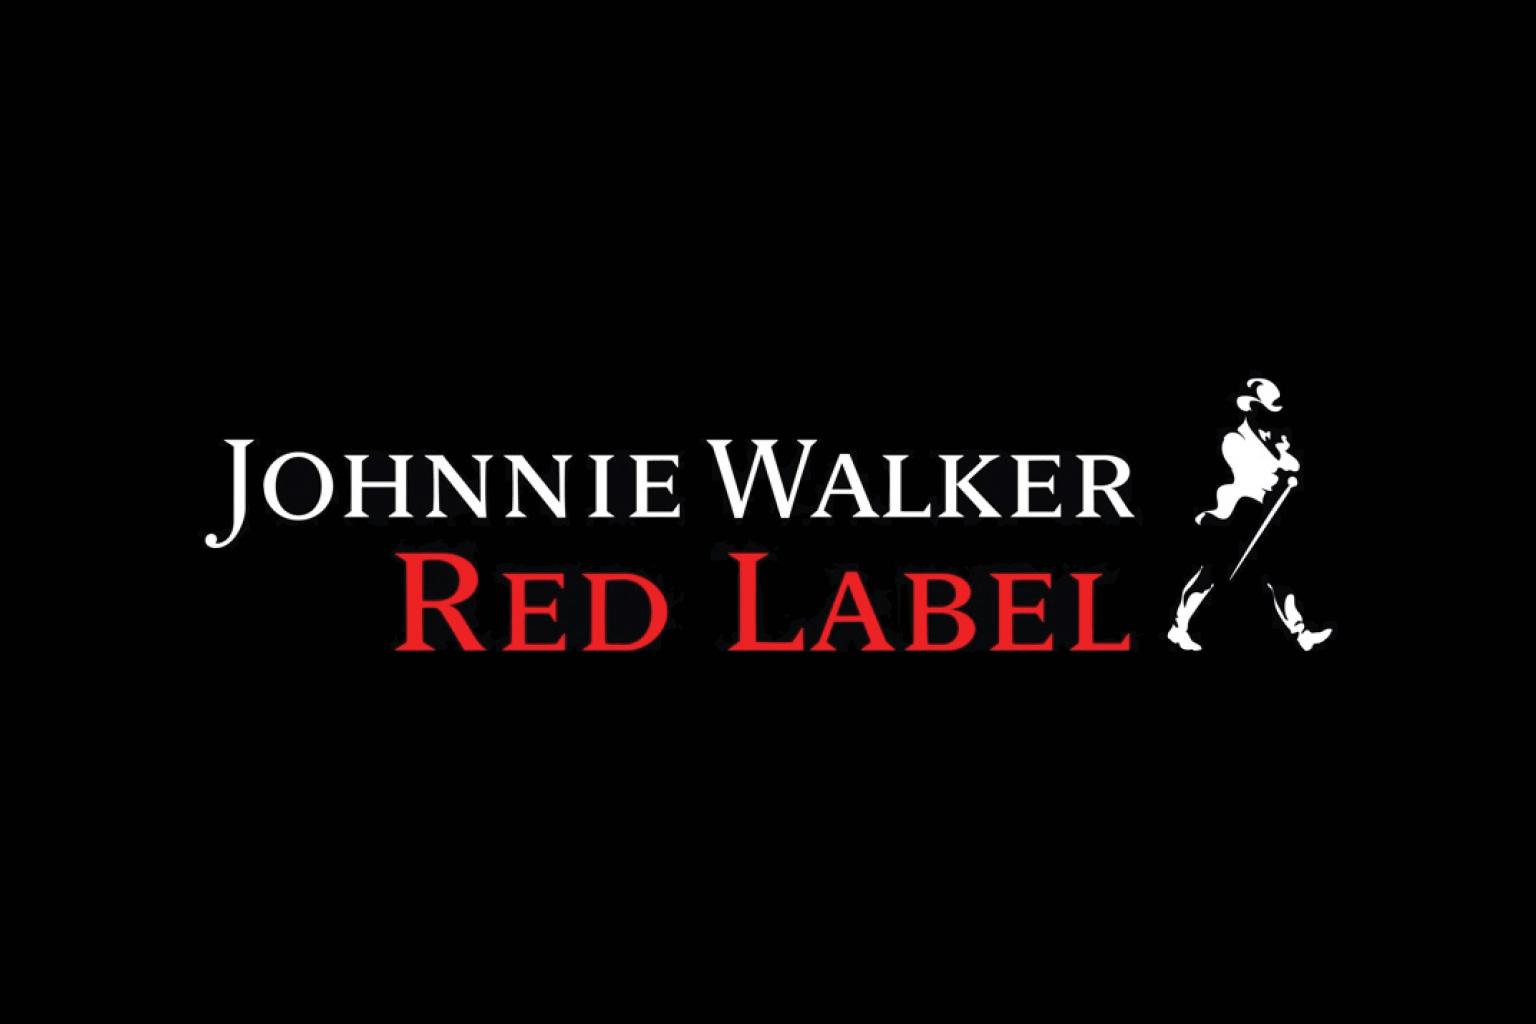 Johnnie Walker Identity